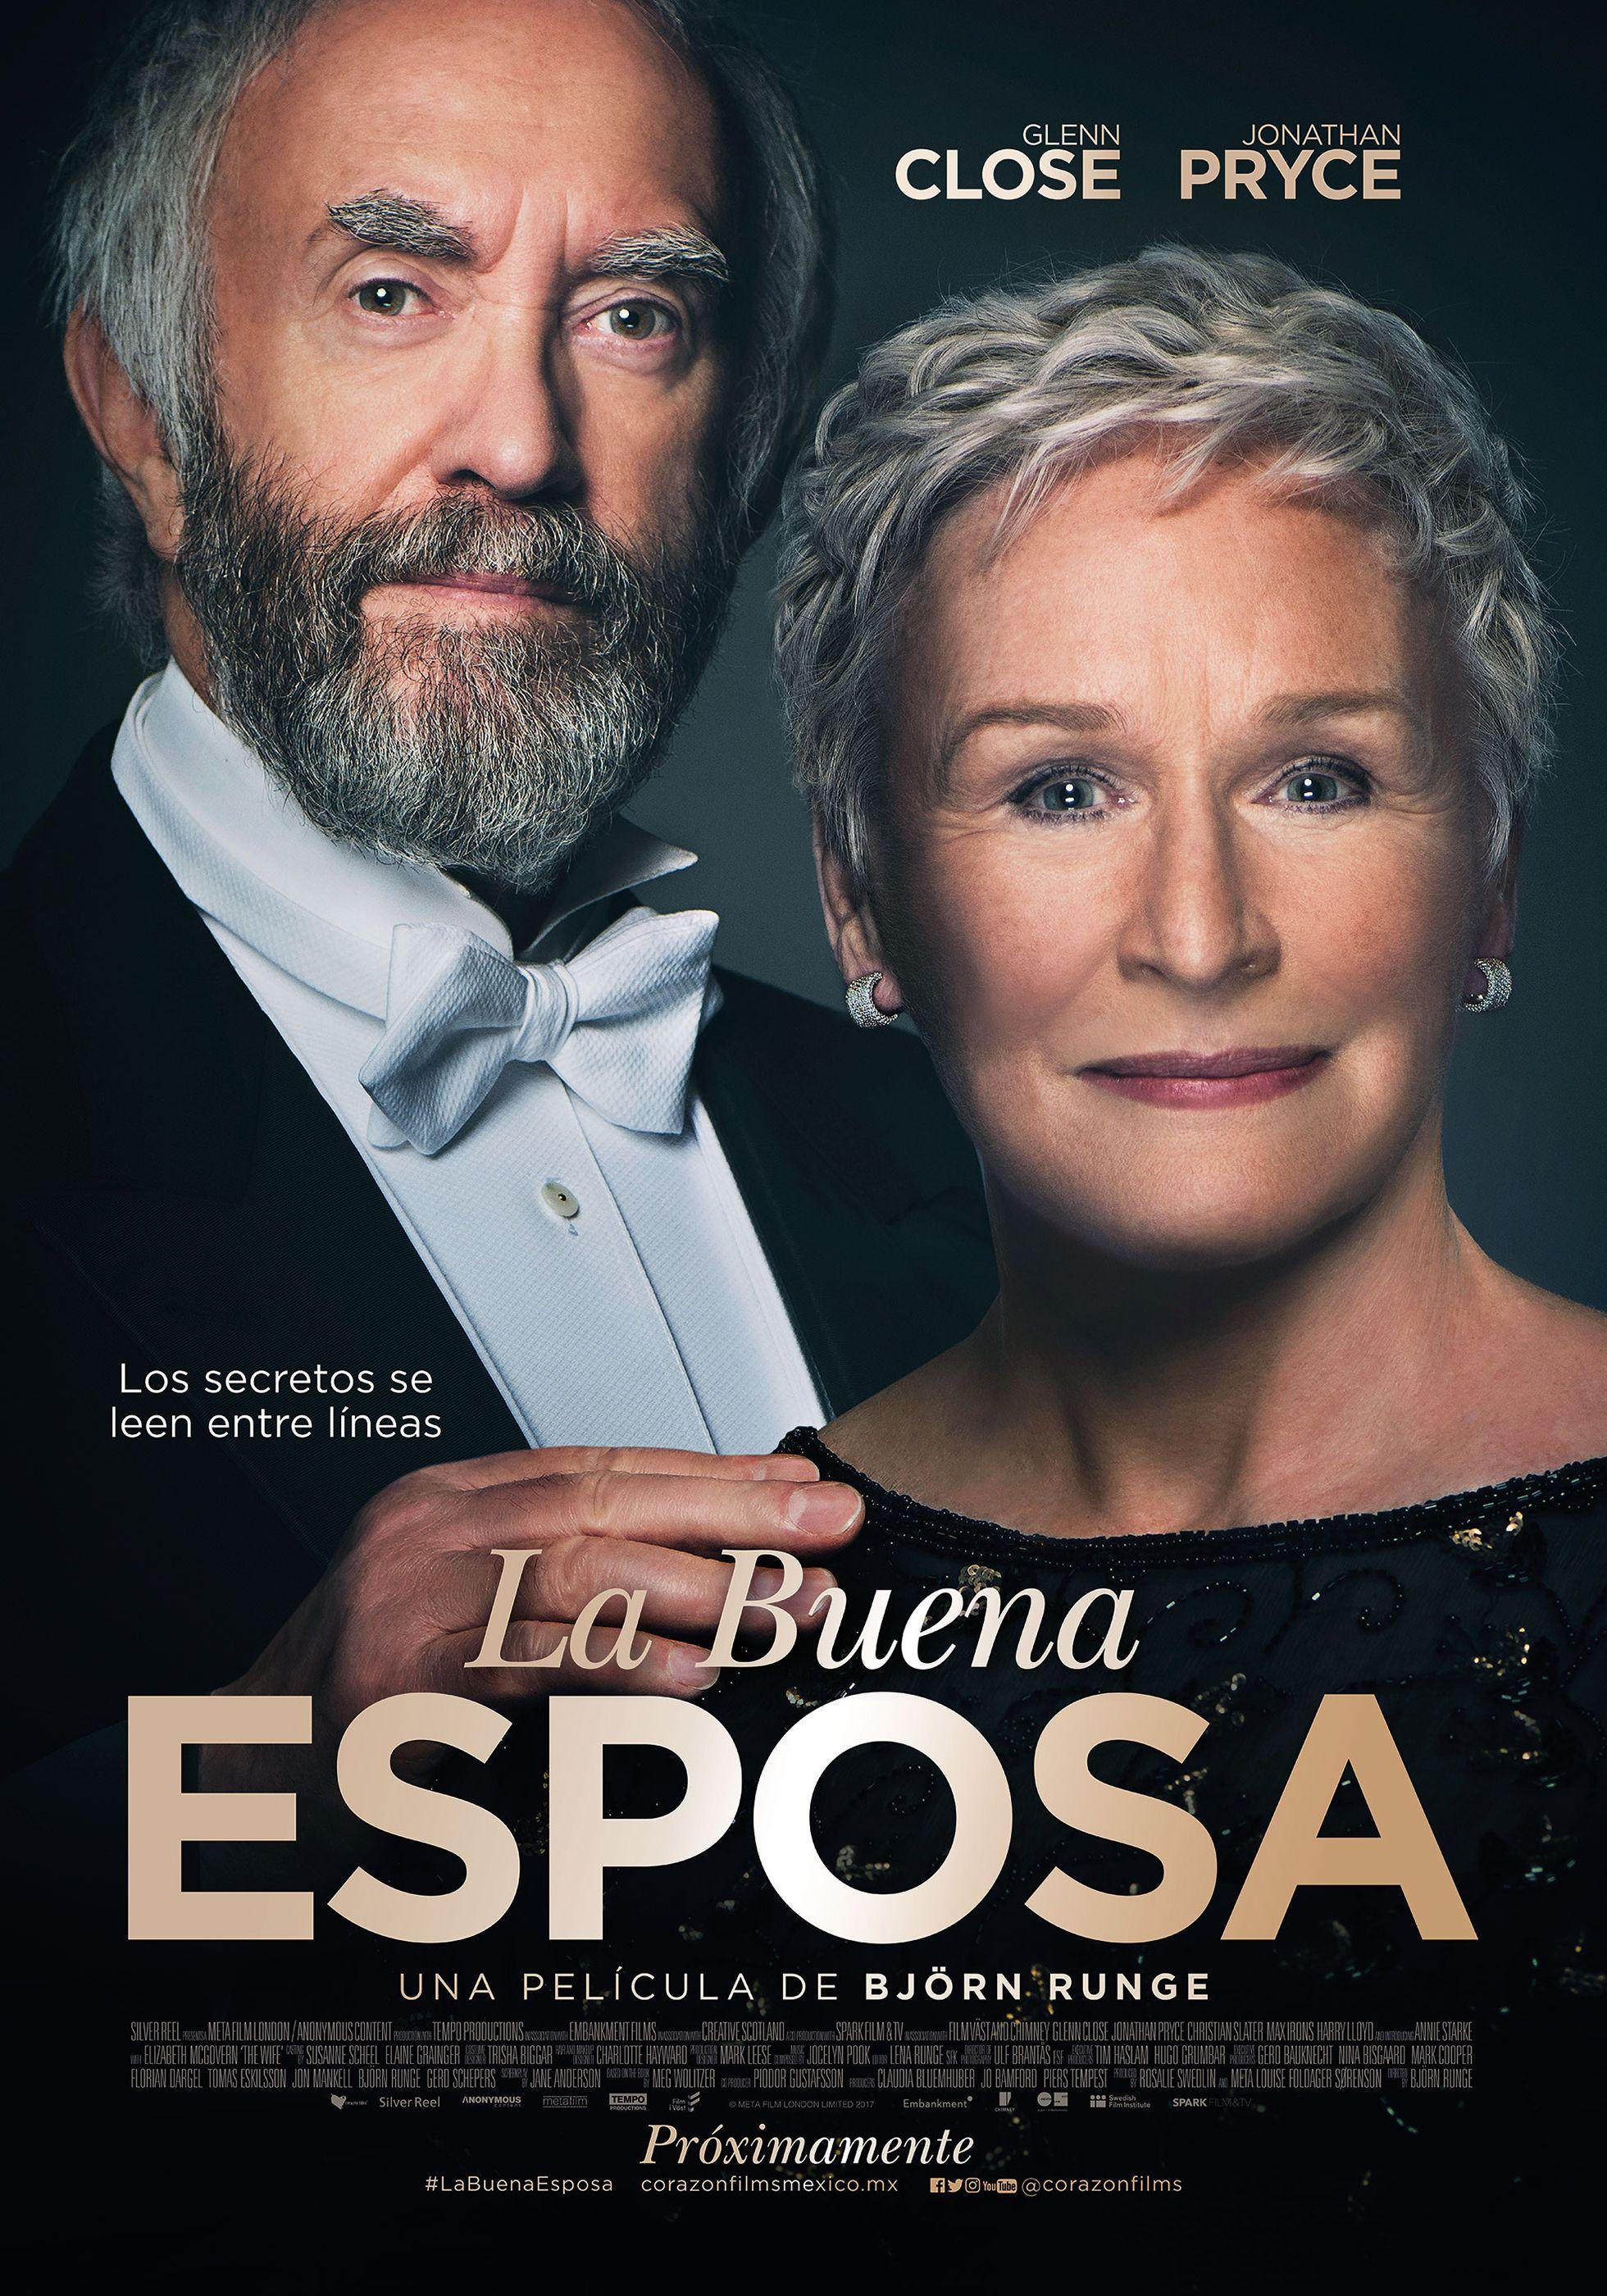 La Buena Esposa [ 4,9 ] Yelmo Icaria, 19/10/18